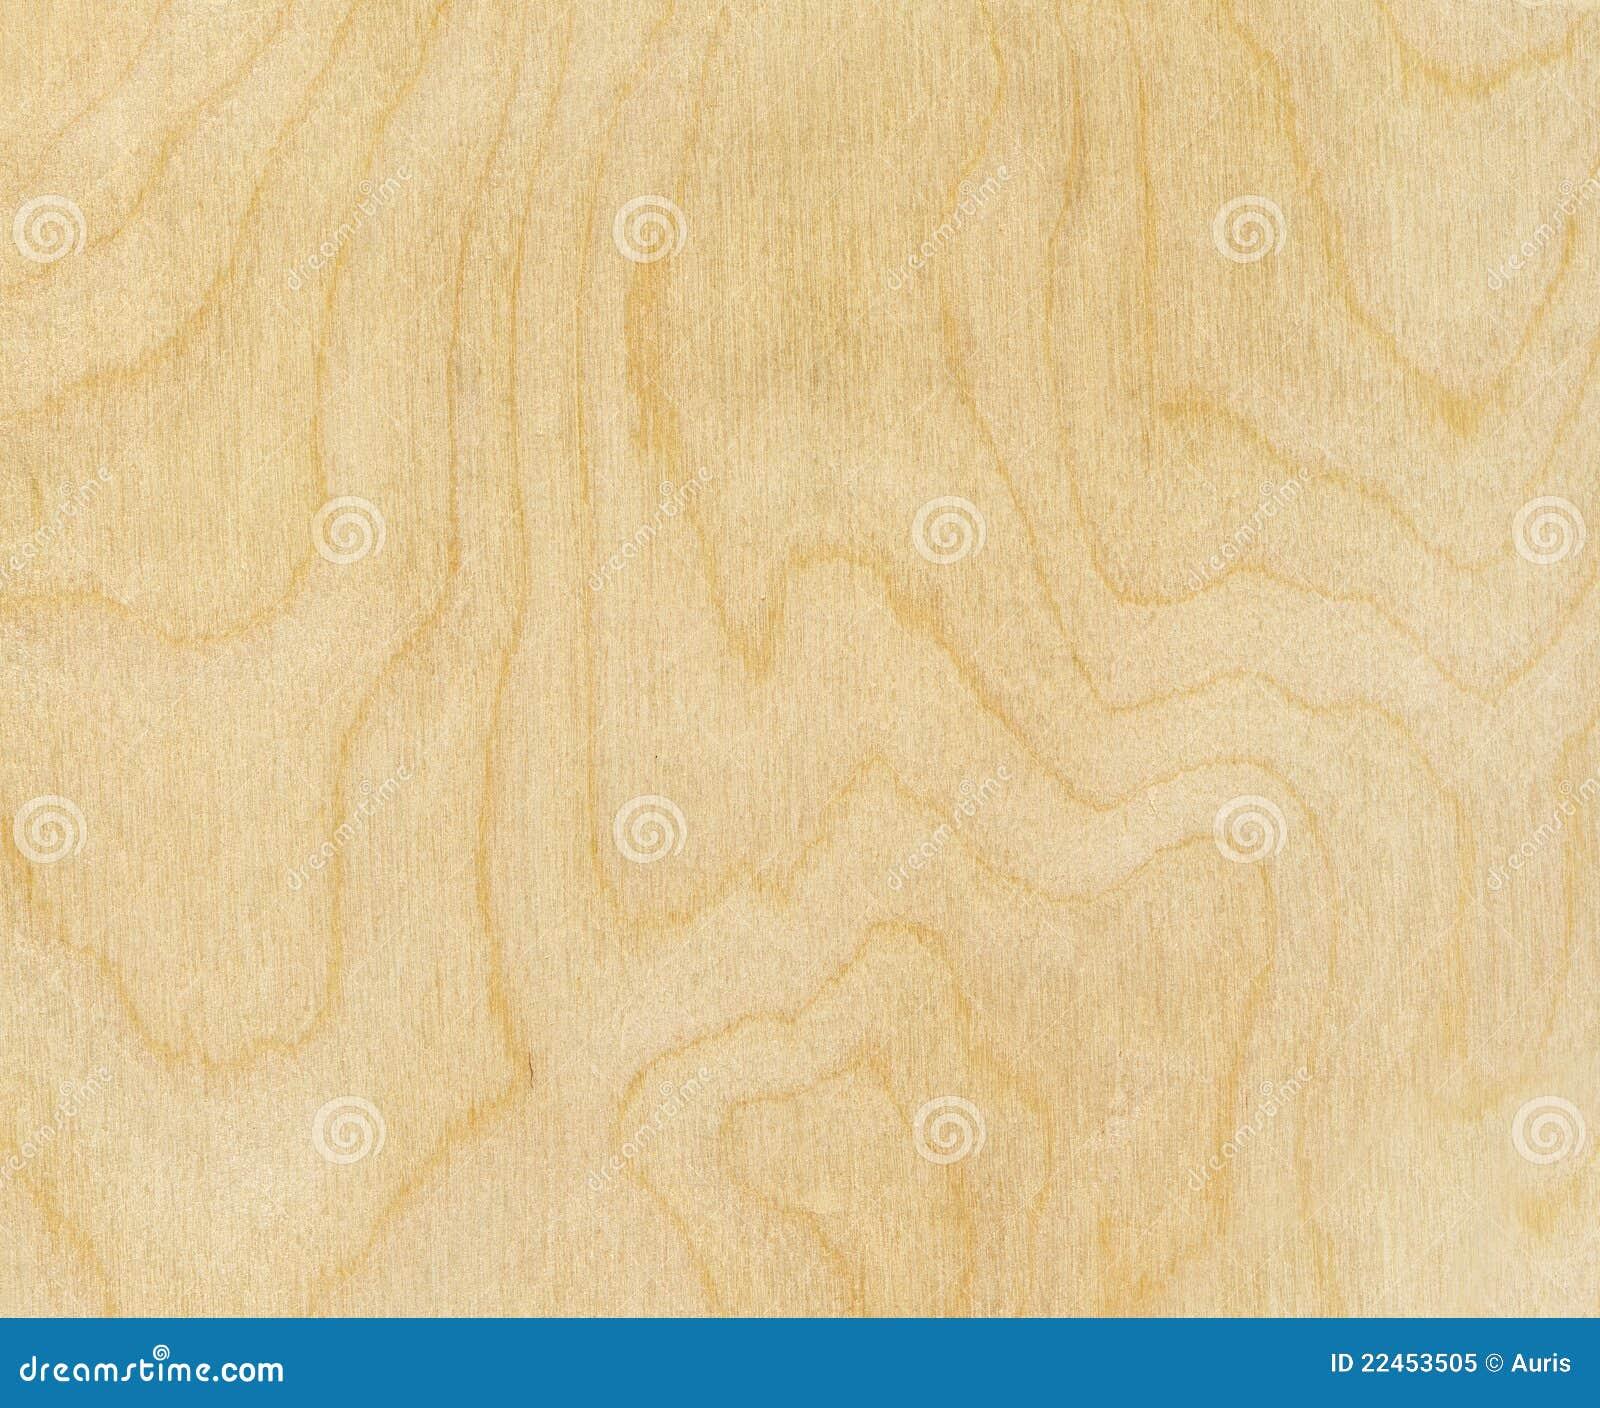 Texture en bois de bouleau image stock Image du fond 22453505 # Bois De Bouleau Utilisation